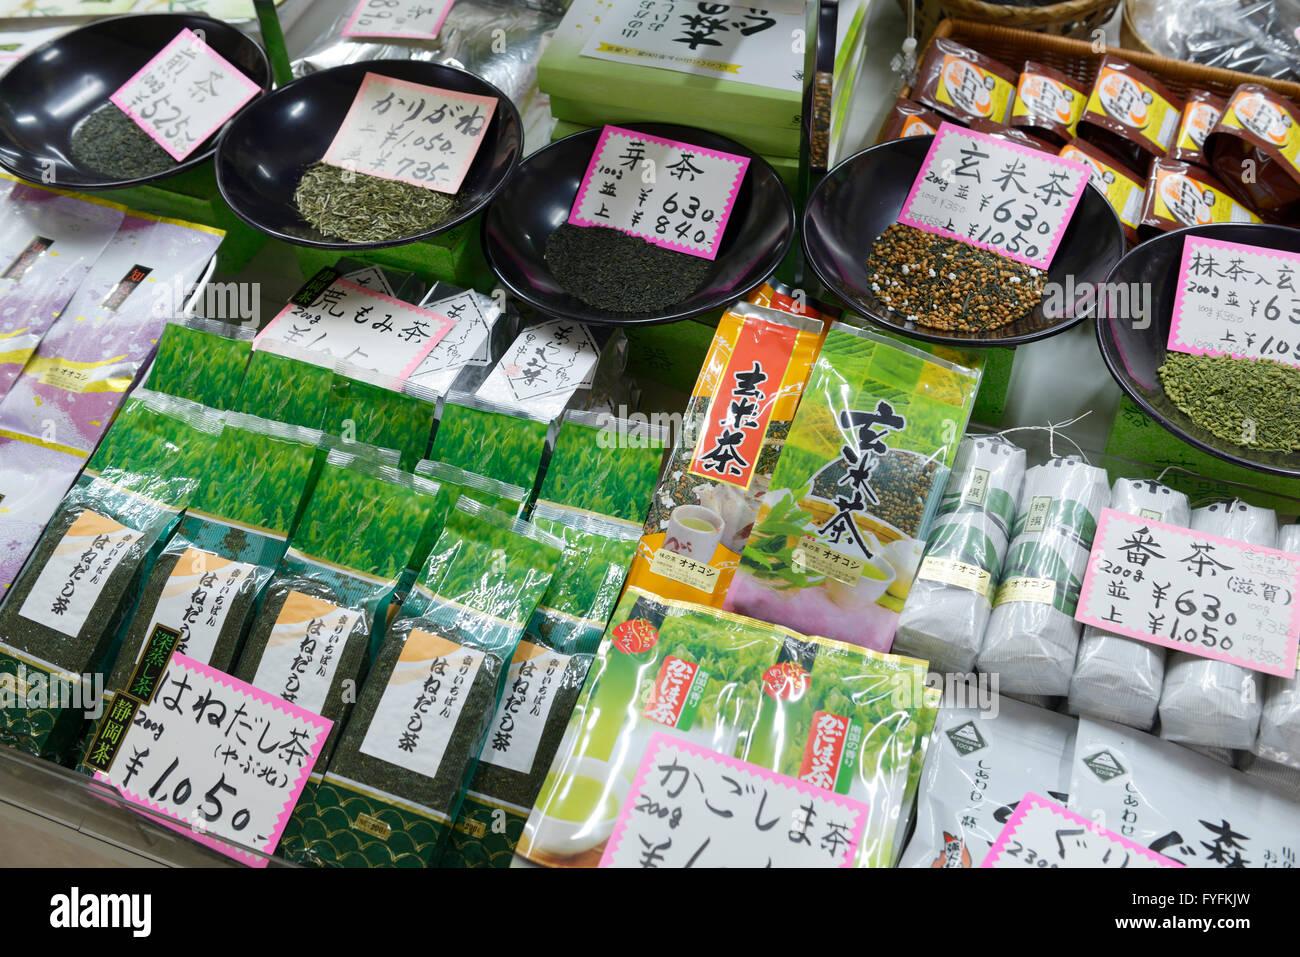 Genmaicha, té japonés, en una tienda, Tokio, Japón Imagen De Stock